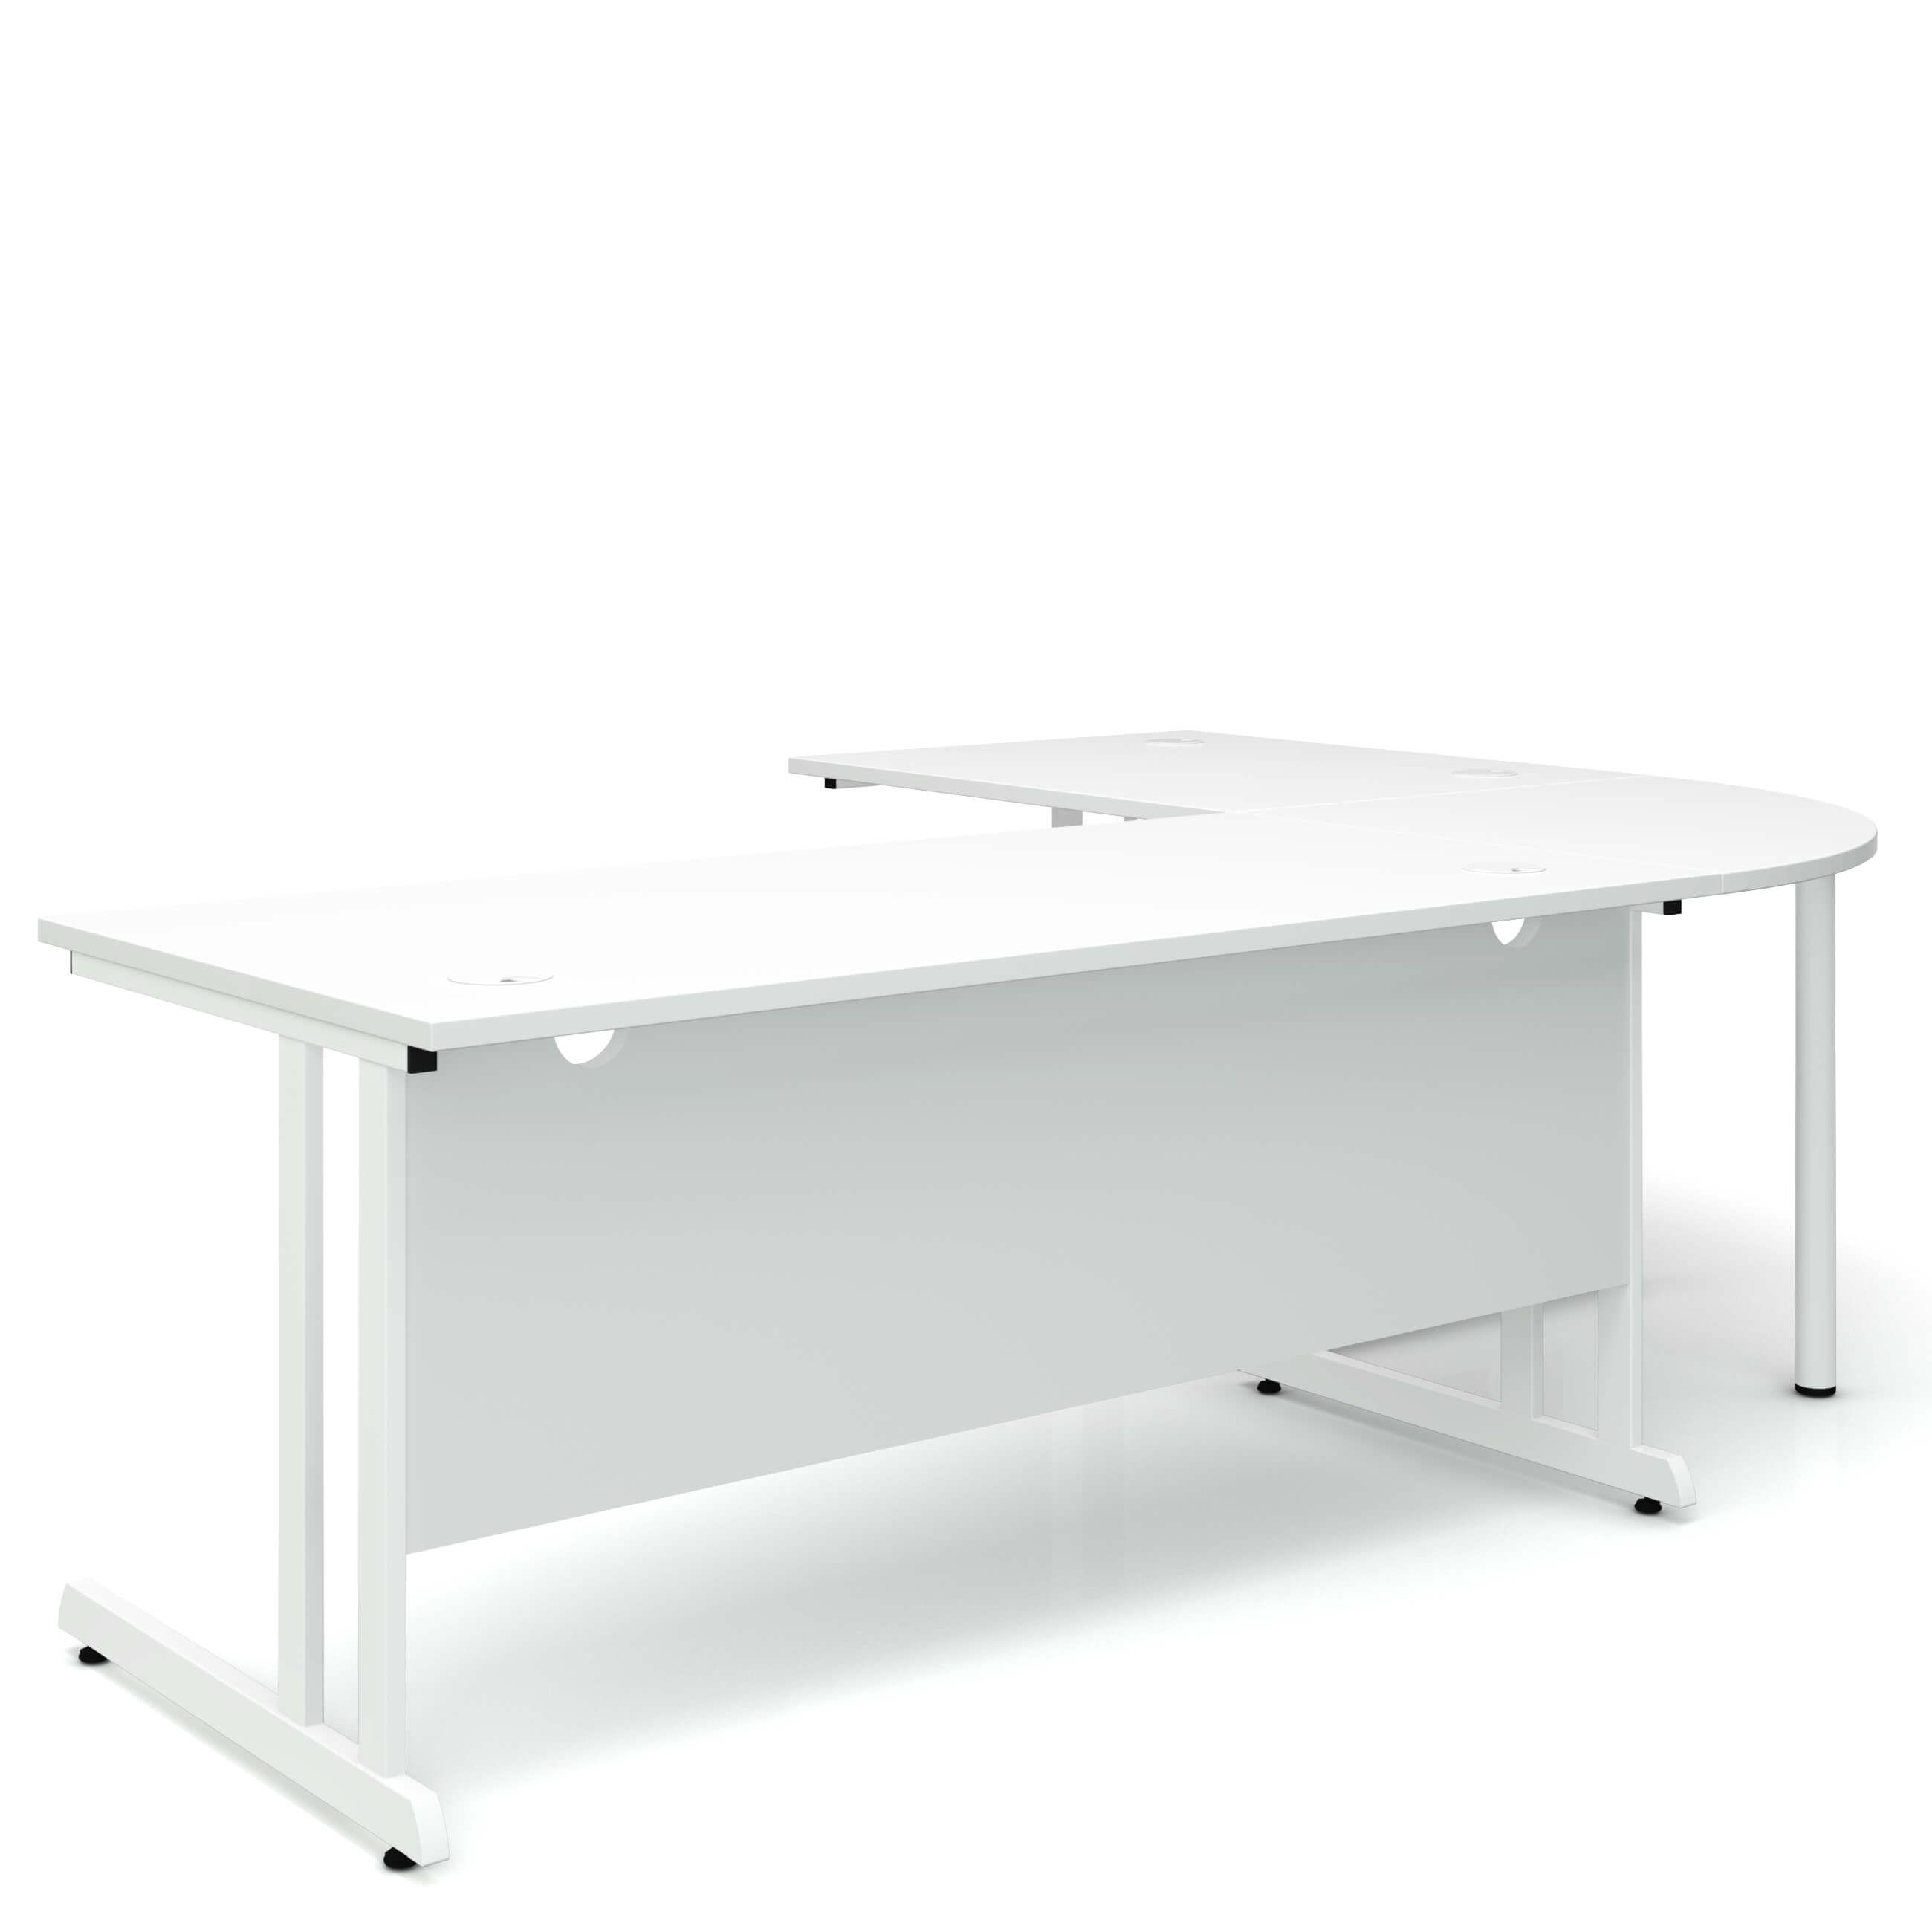 Winkelschreibtisch Computertisch Eckschreibtisch 240x 180 cm Weiß OPTIMA C